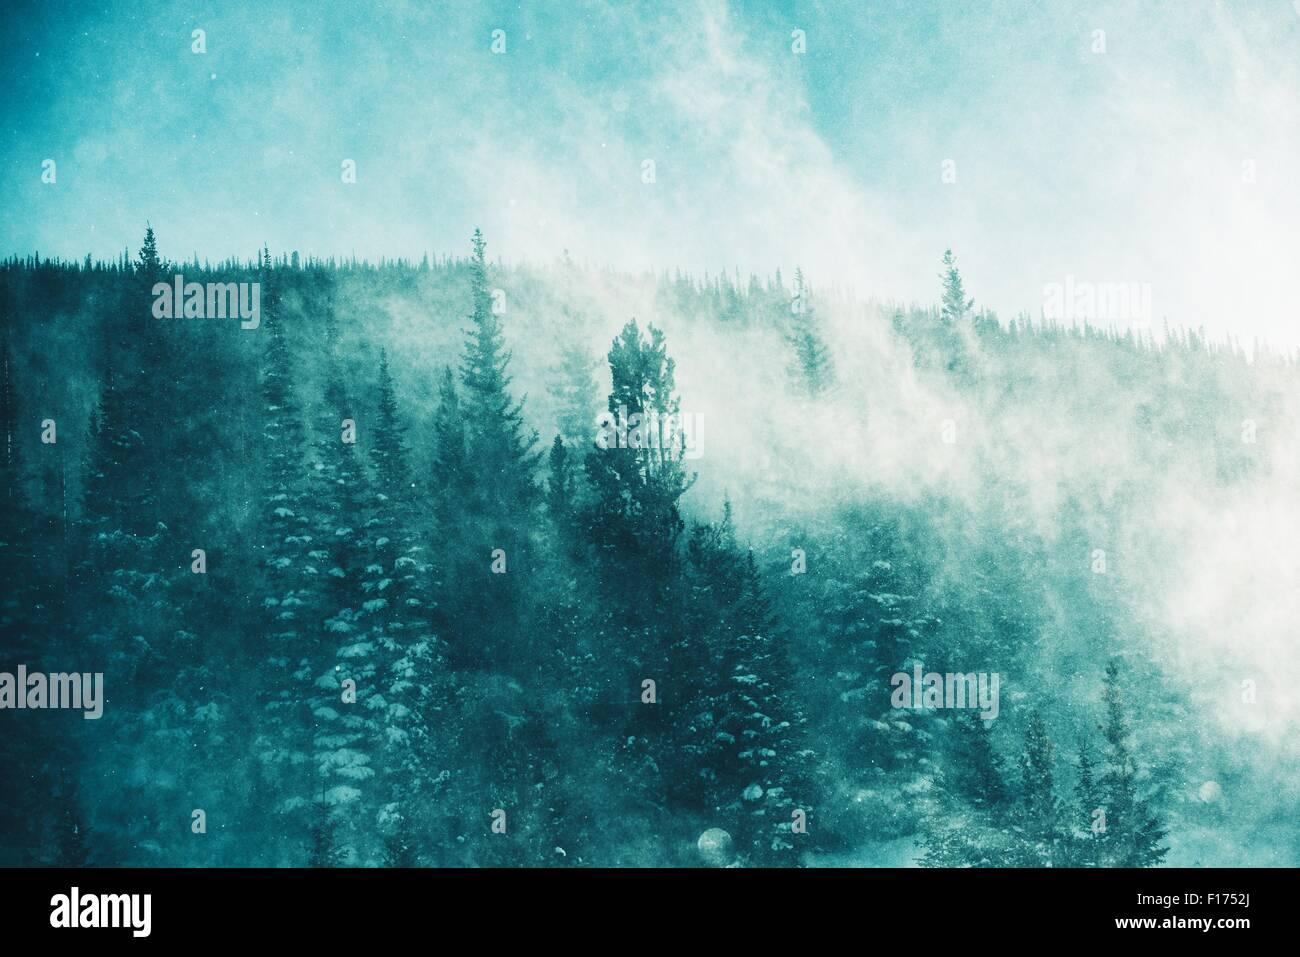 La tormenta de invierno. Tormenta de invierno extremas condiciones con mucho viento y nieve que sopla en el bosque. Imagen De Stock